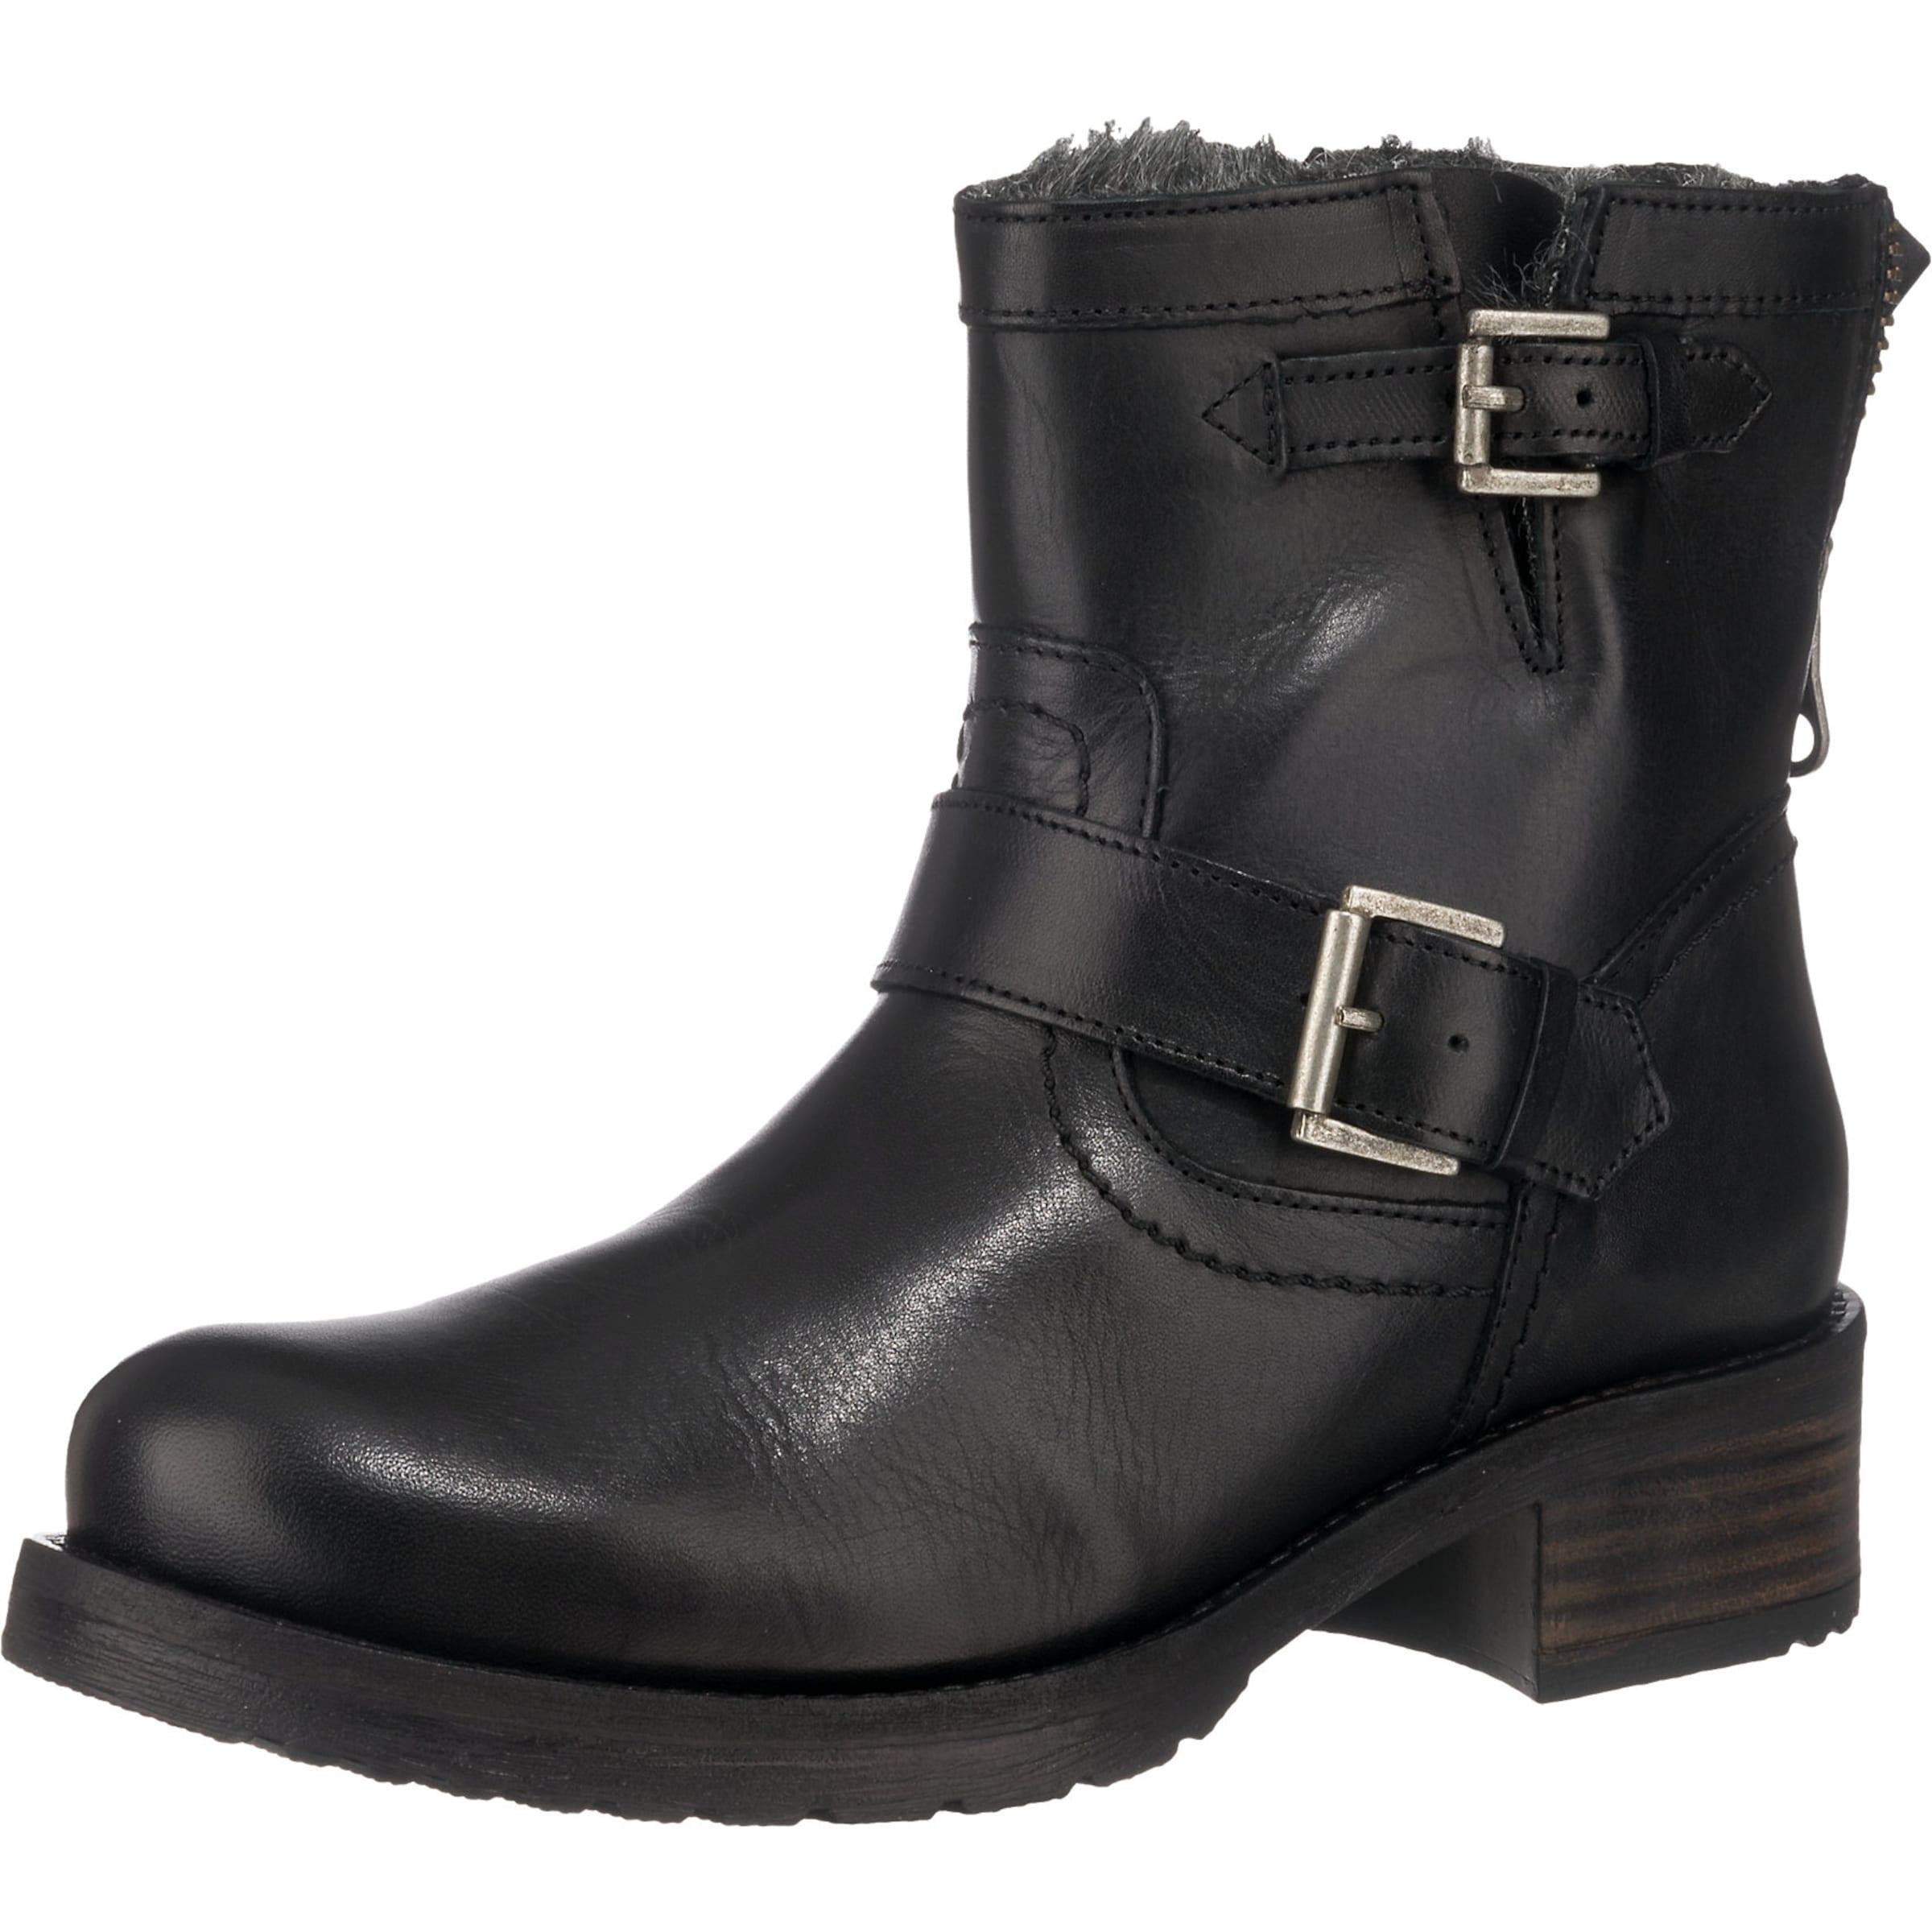 BUFFALO Stiefeletten Günstige und langlebige Schuhe